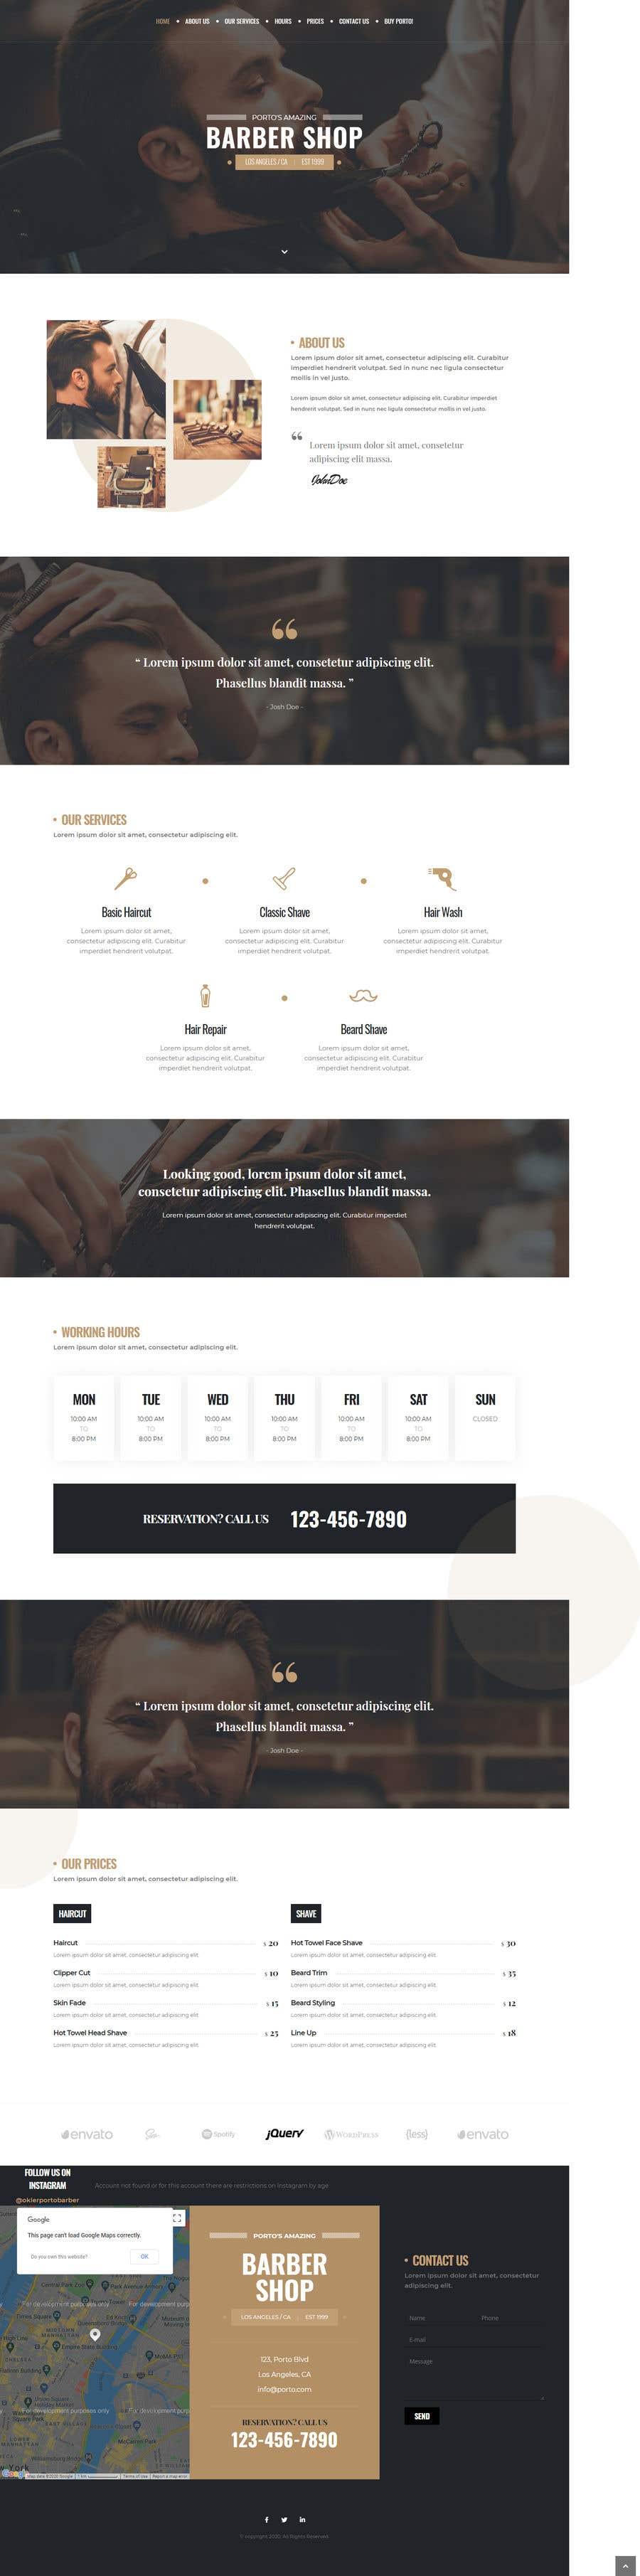 Konkurrenceindlæg #                                        50                                      for                                         Company Profile Design (FULL SET)